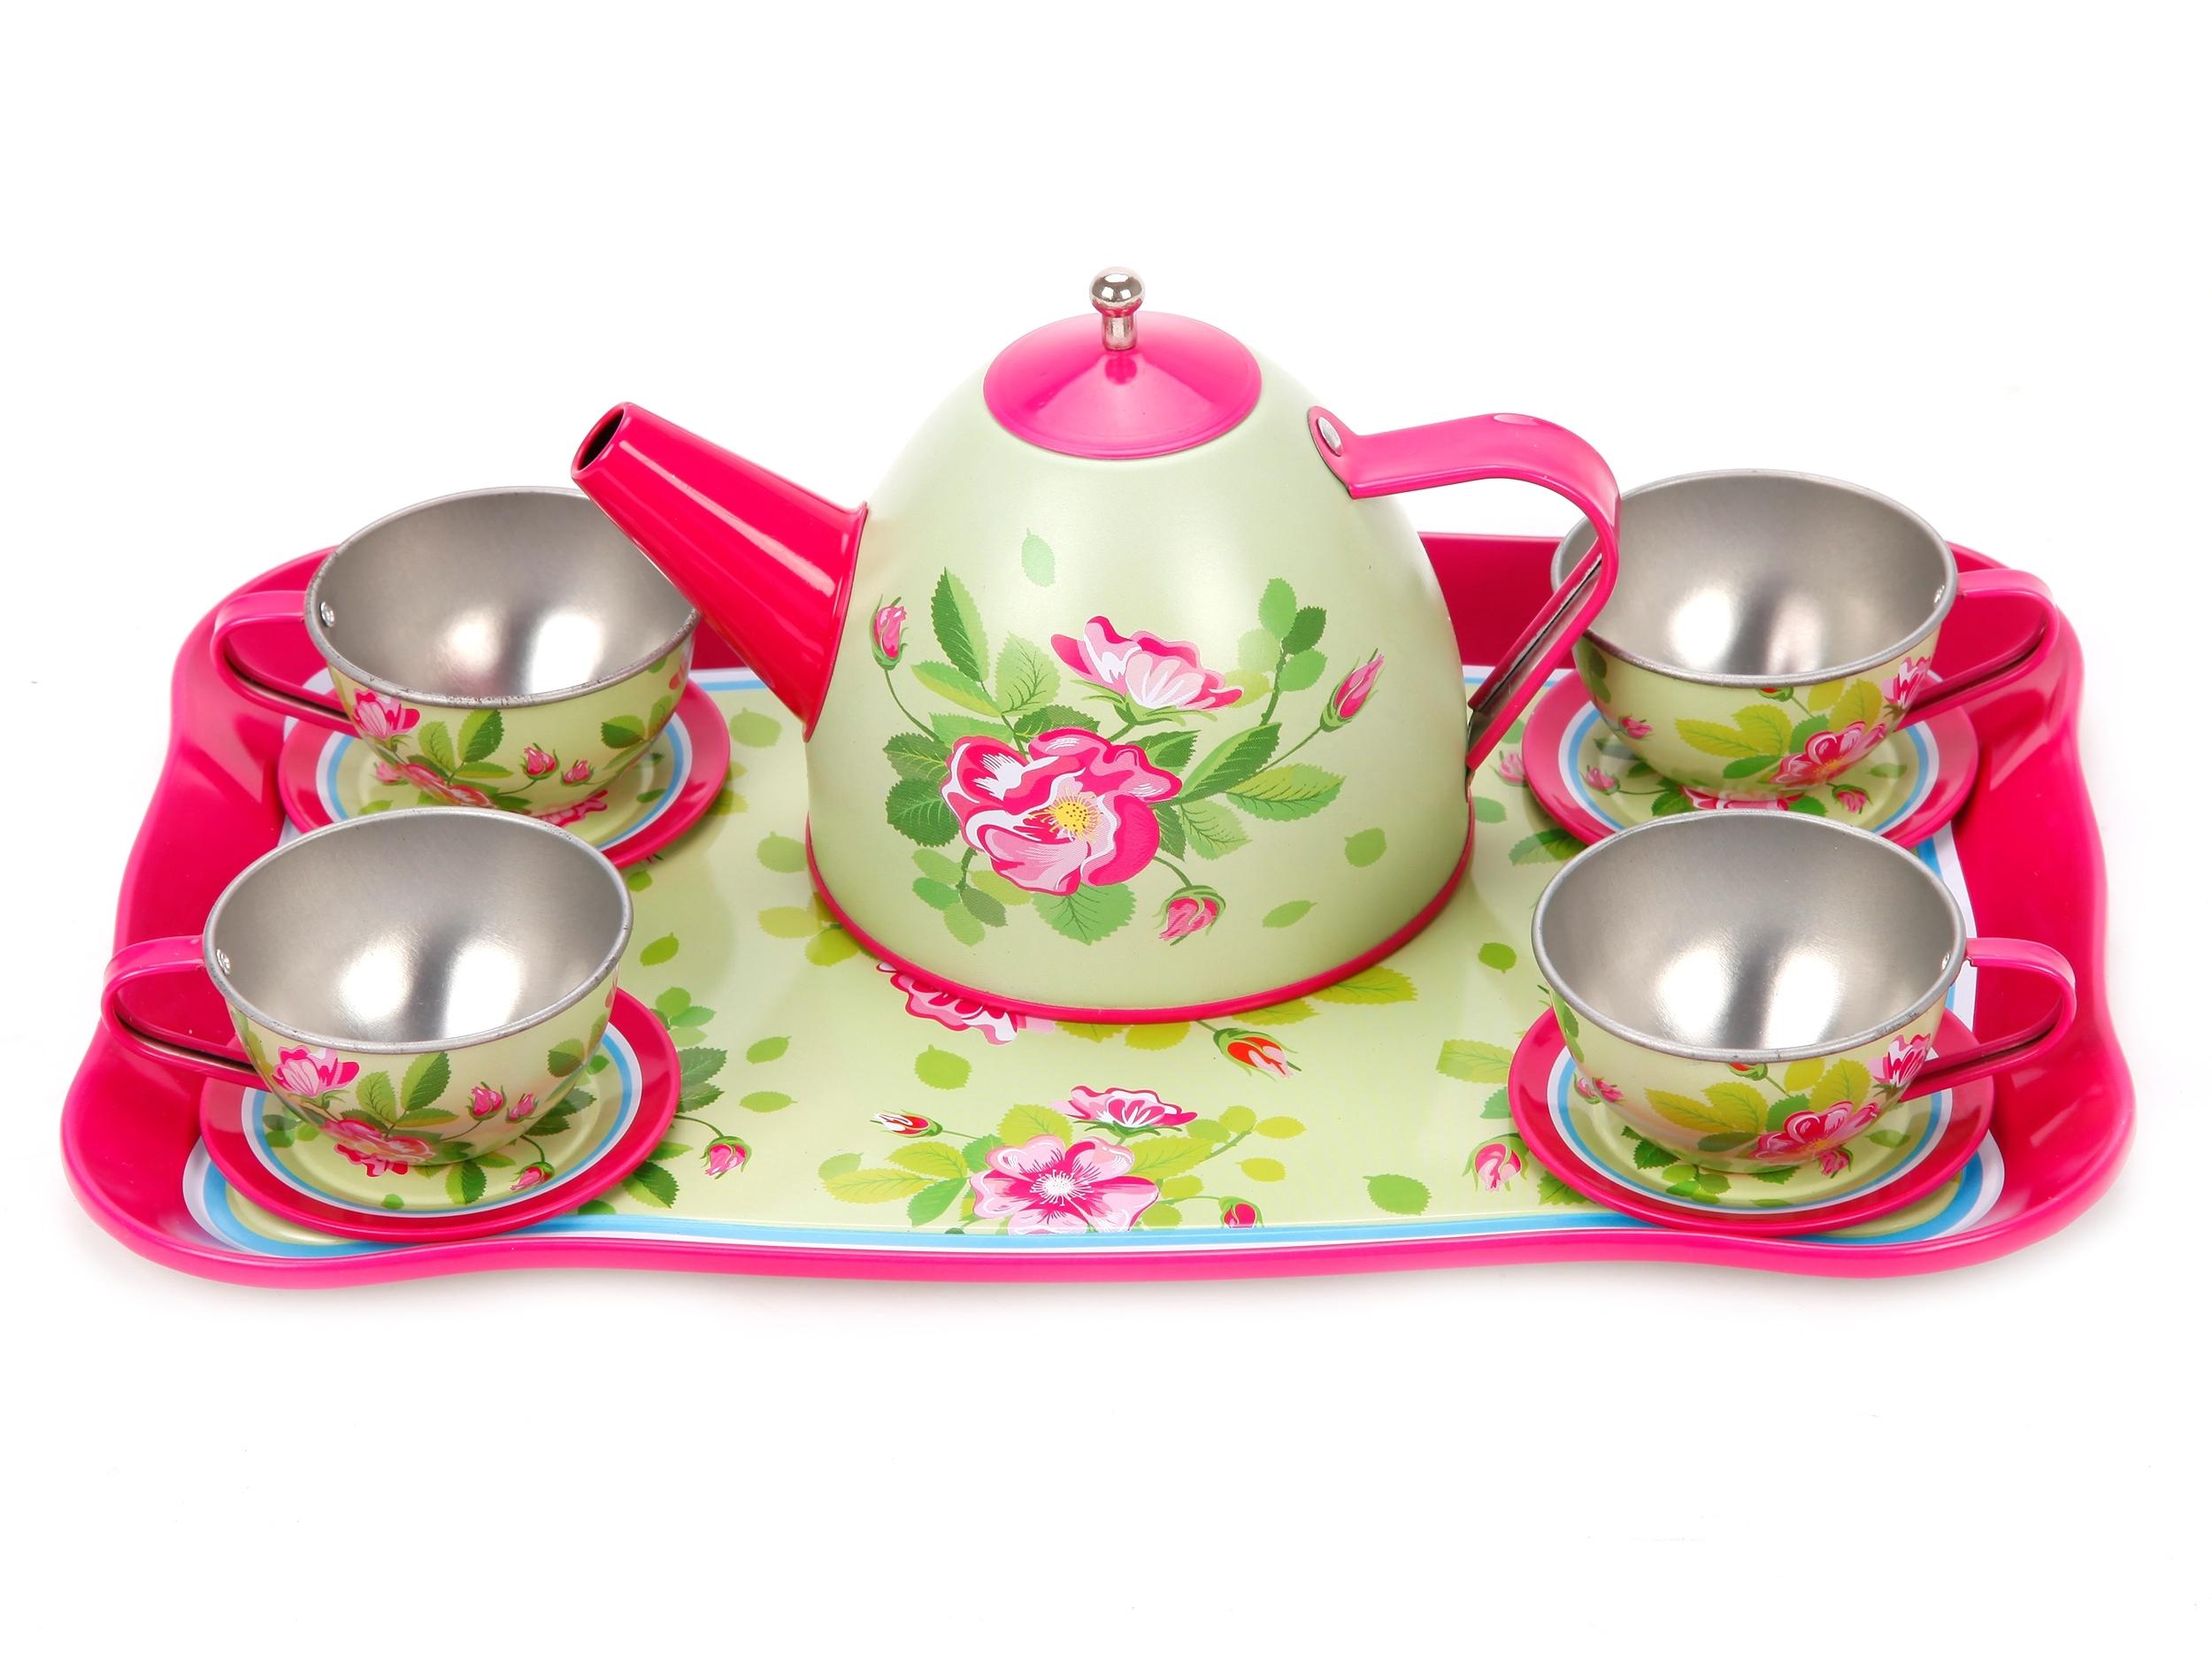 Посуда и наборы продуктов Mary Poppins Розовый сад цена